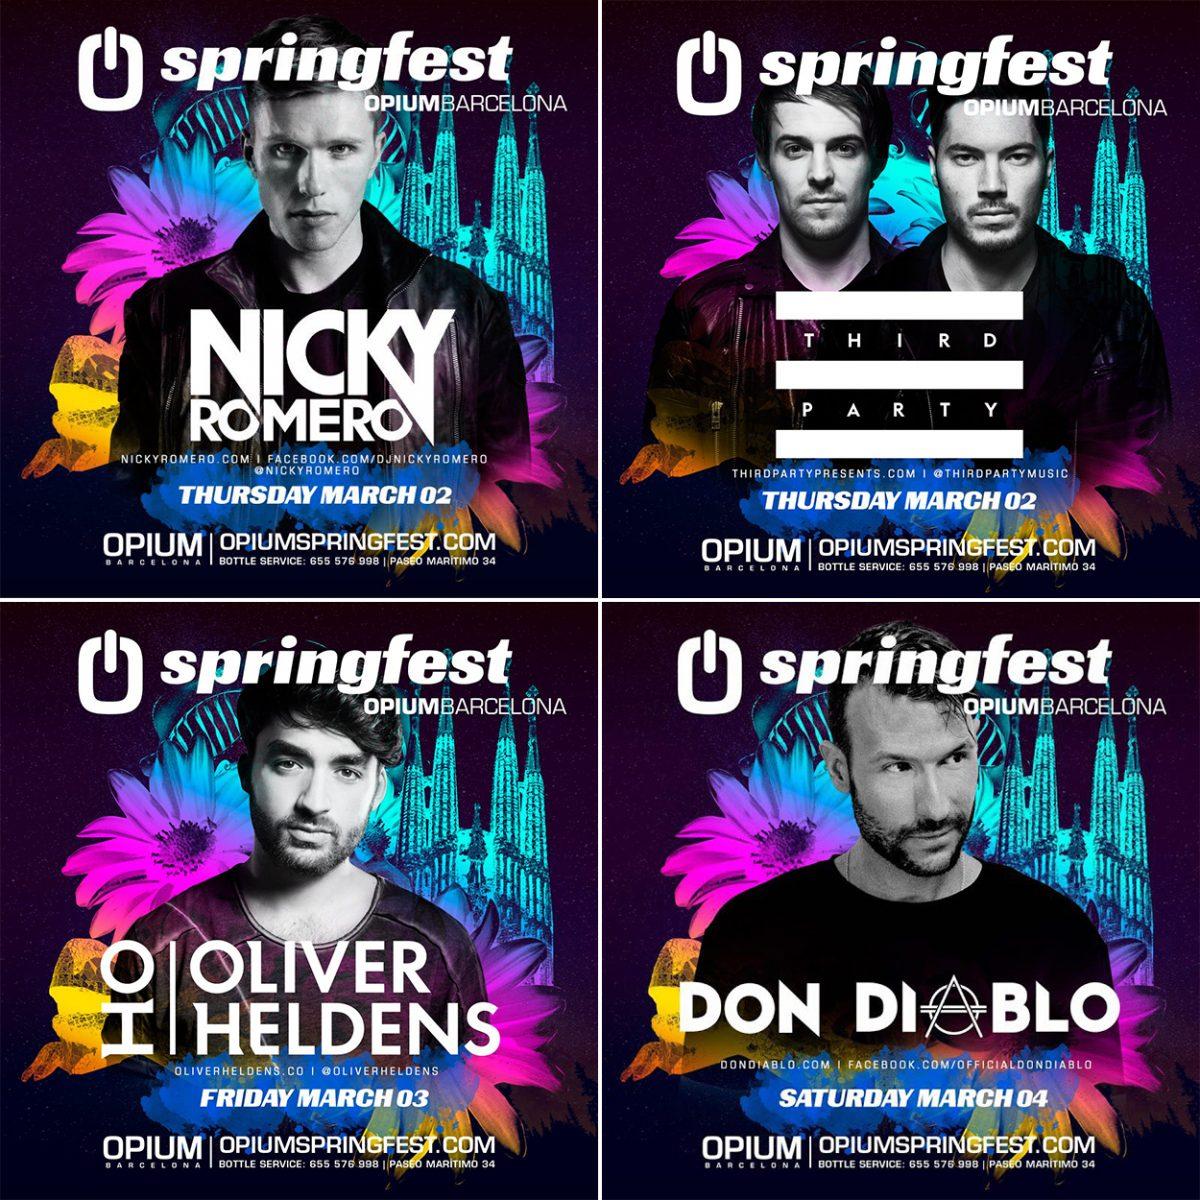 springfest-2017-opium Así queda el espectacular cartel del Springfest 2017